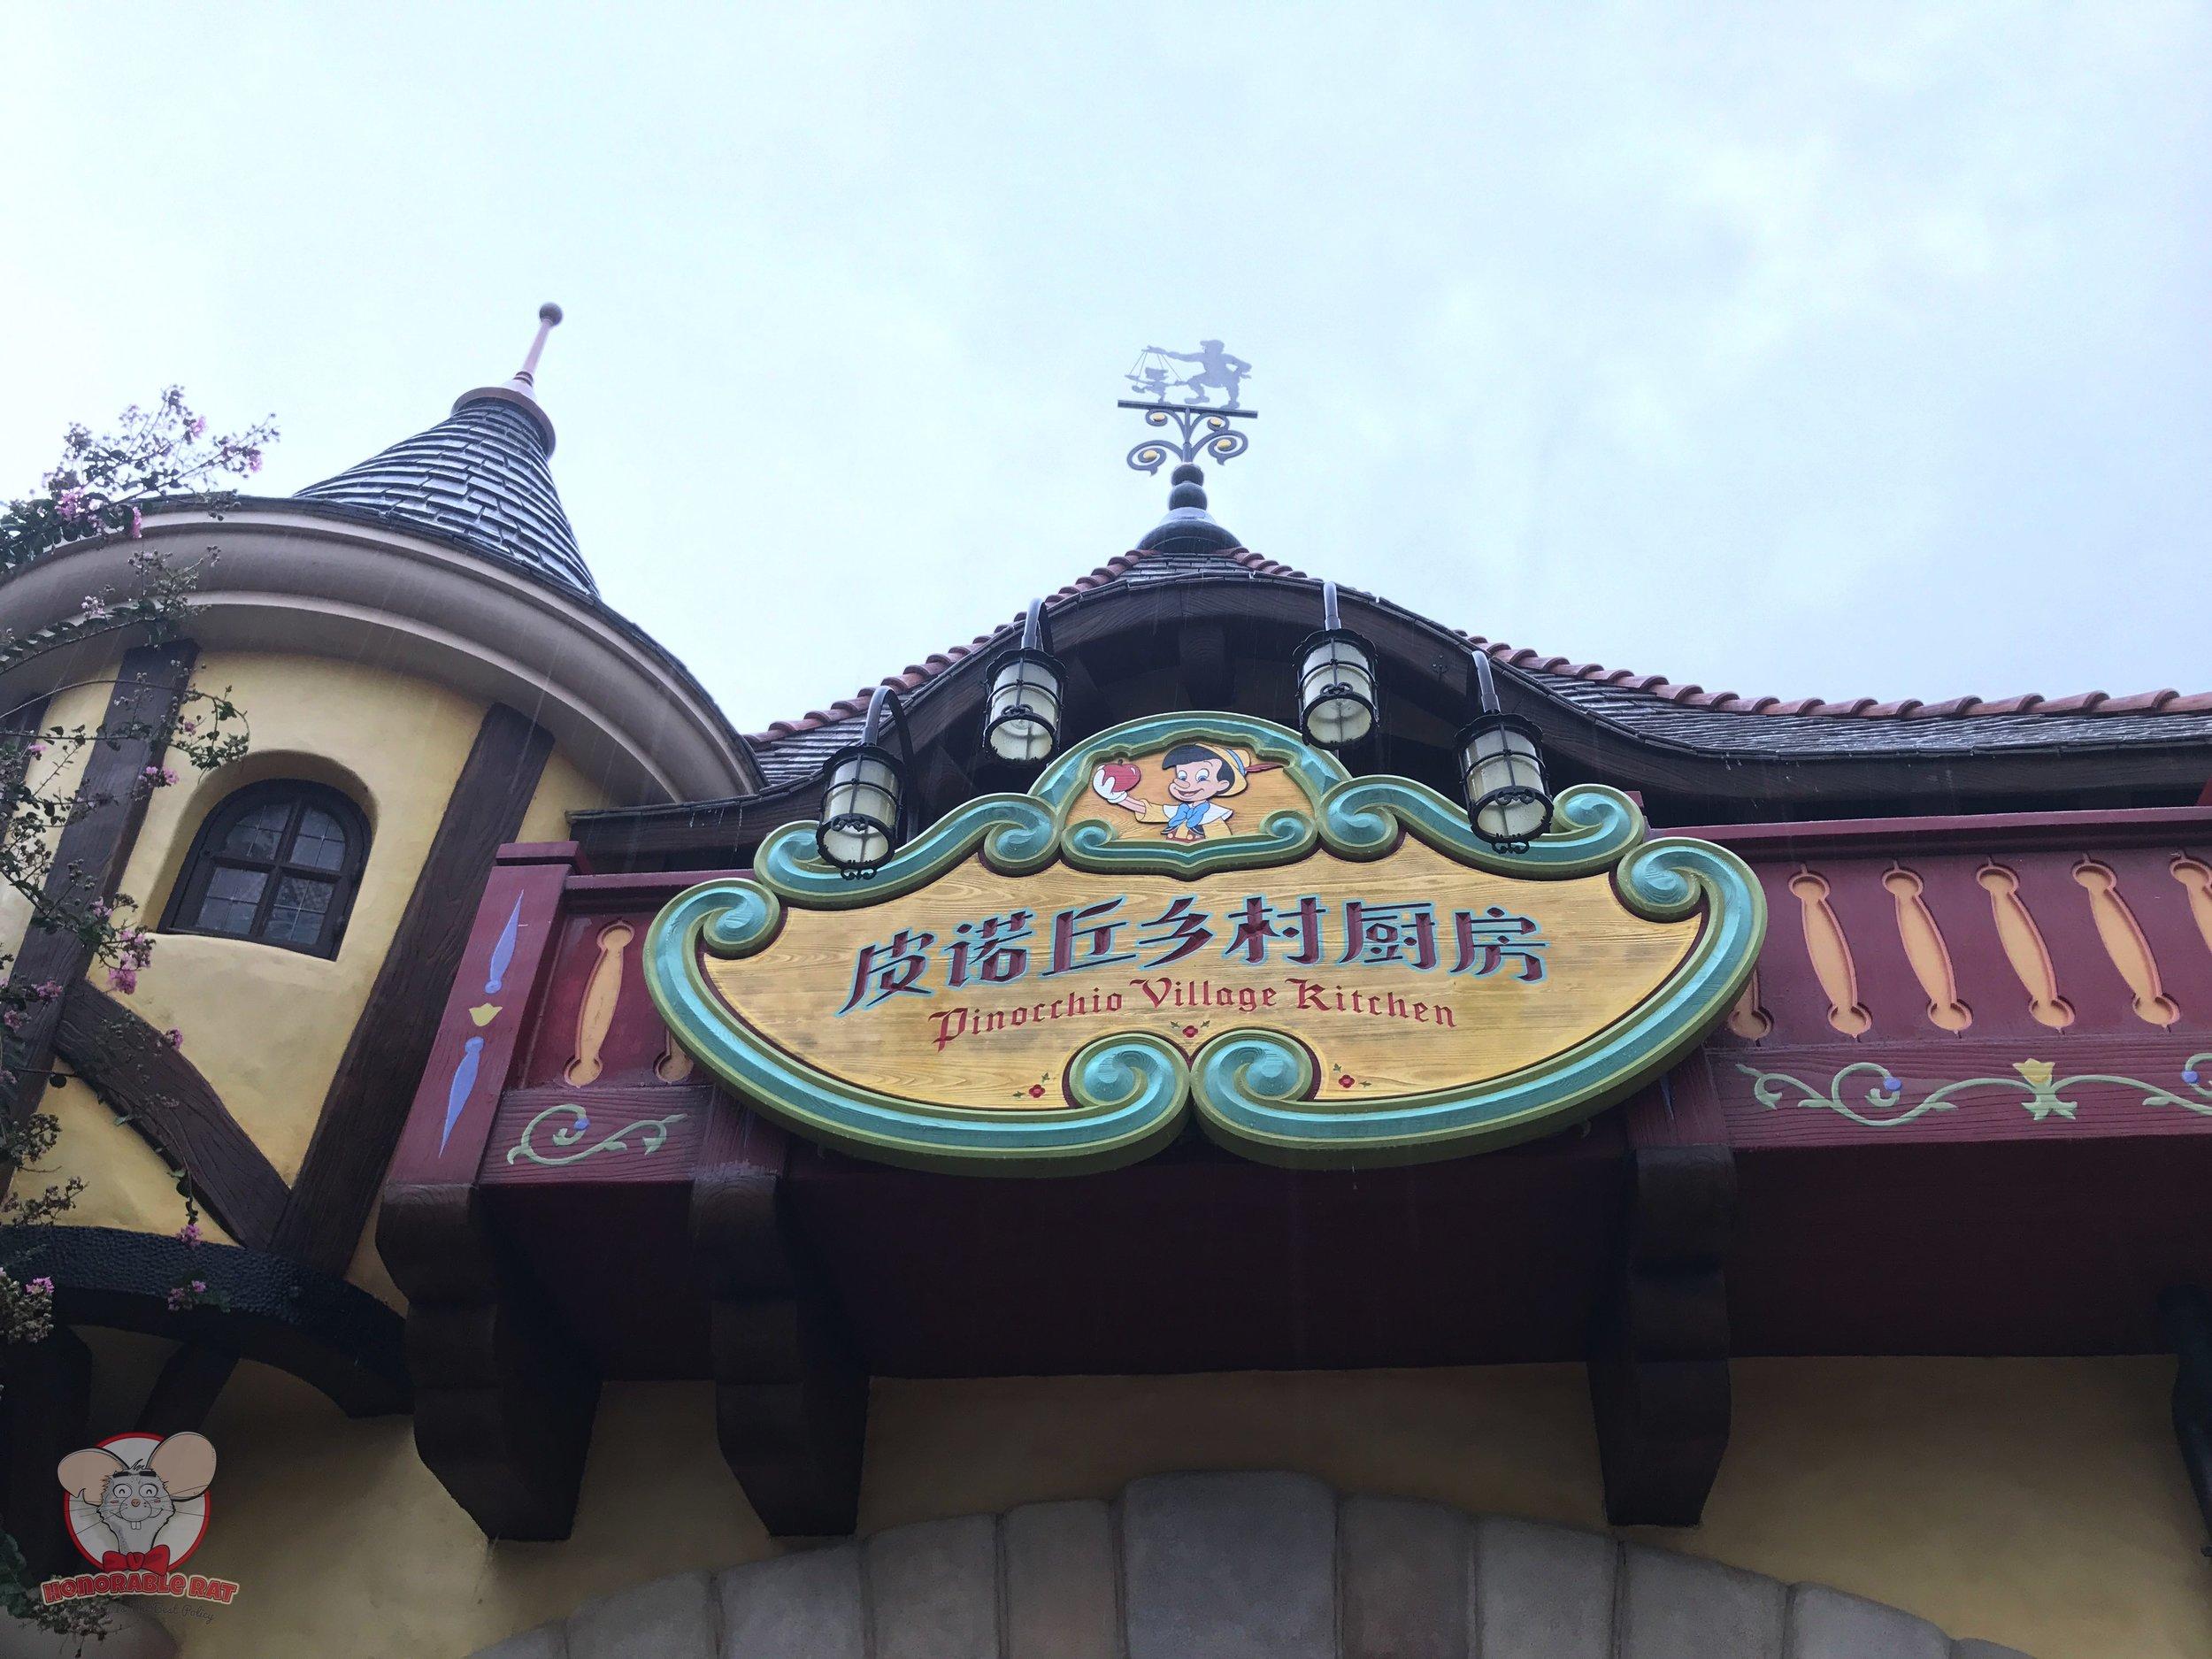 Pinocchio Village Kitchen